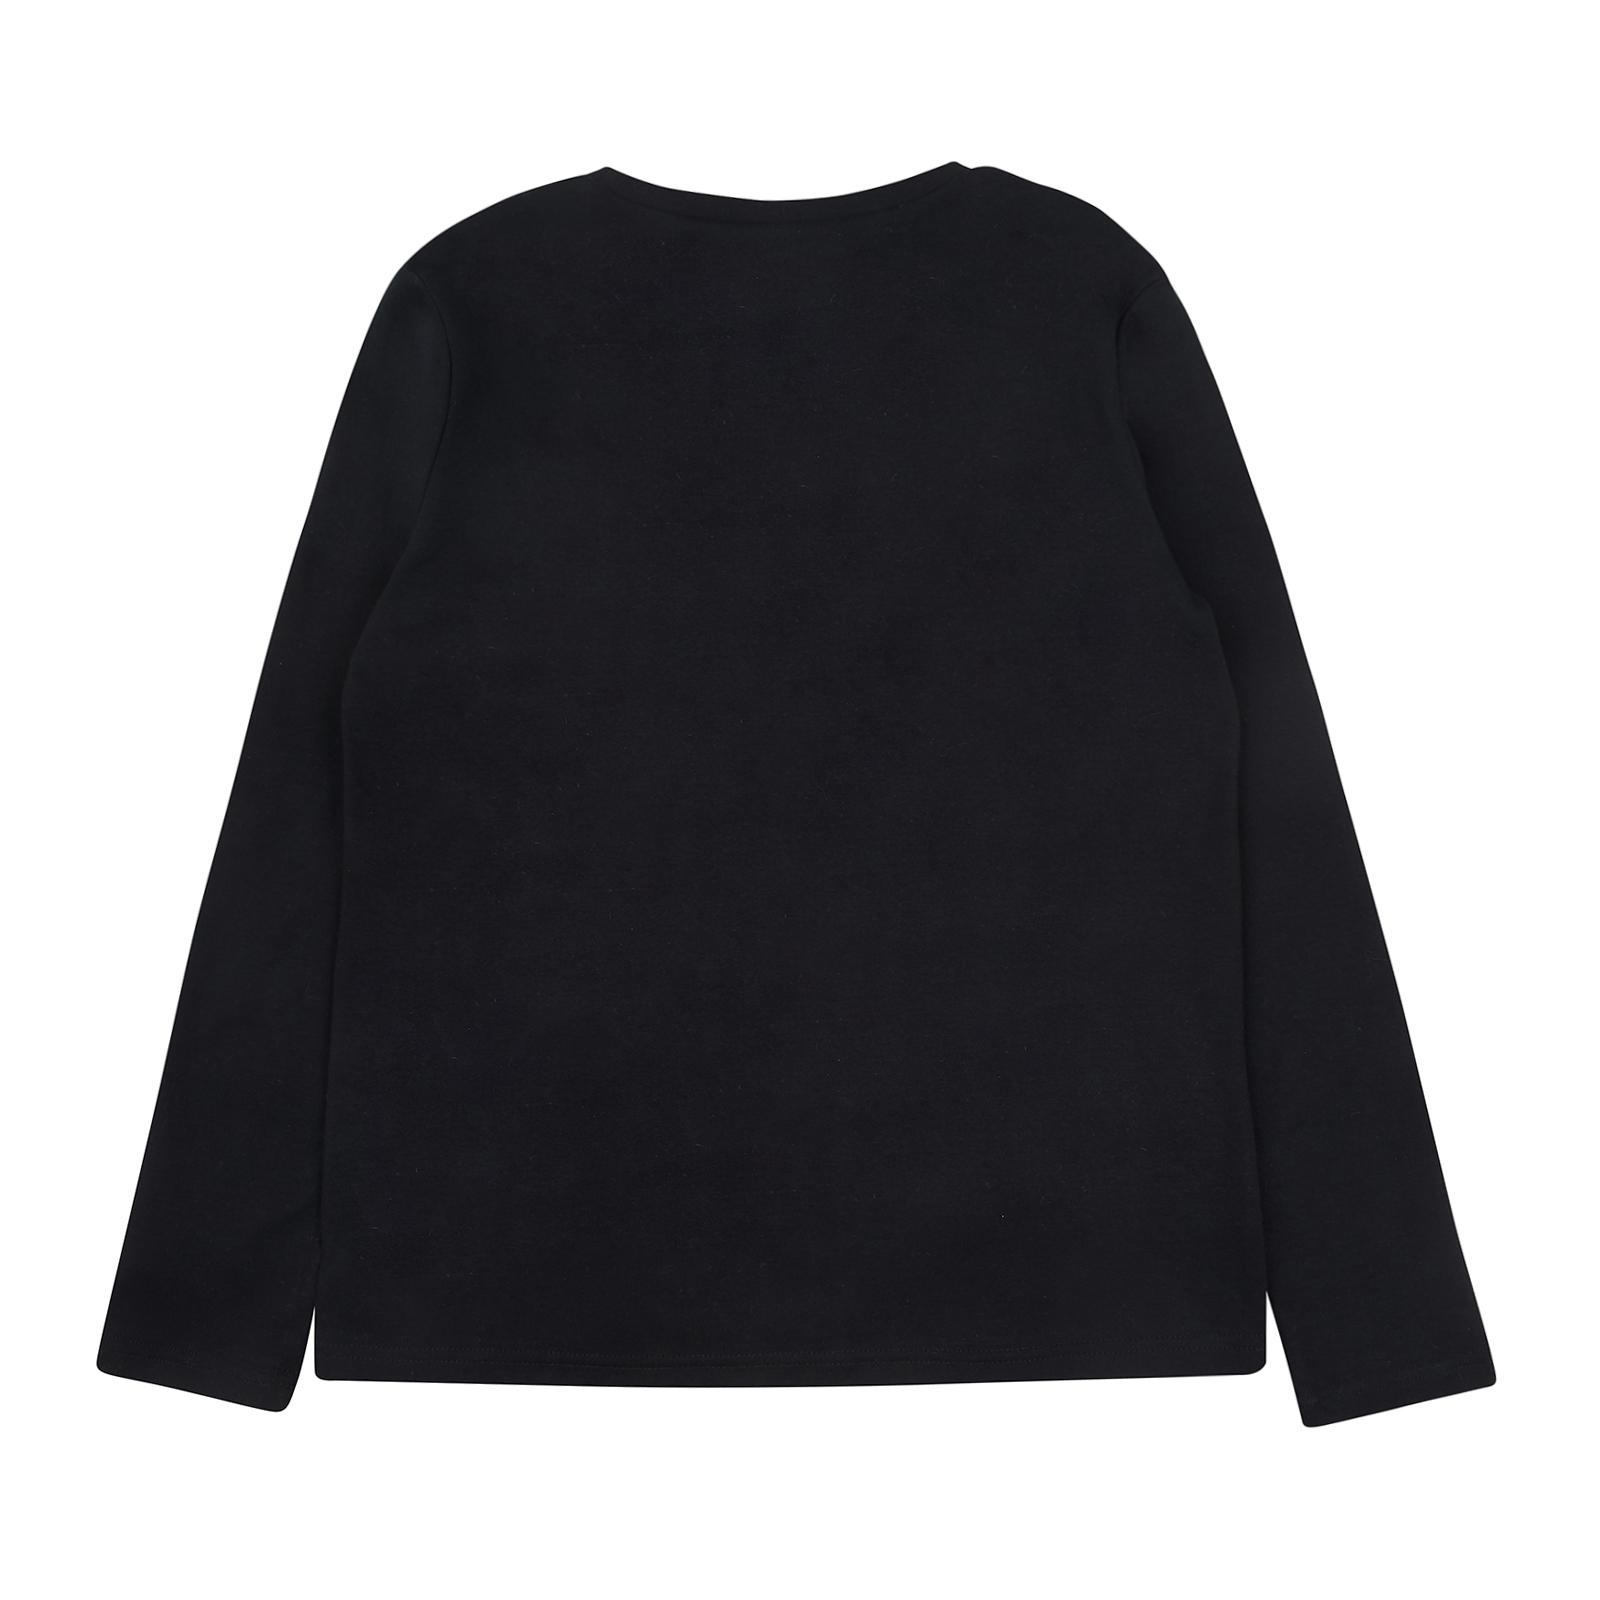 Реглан детские O! Kids Clothing модель OKC~96327-5 купить, 2017